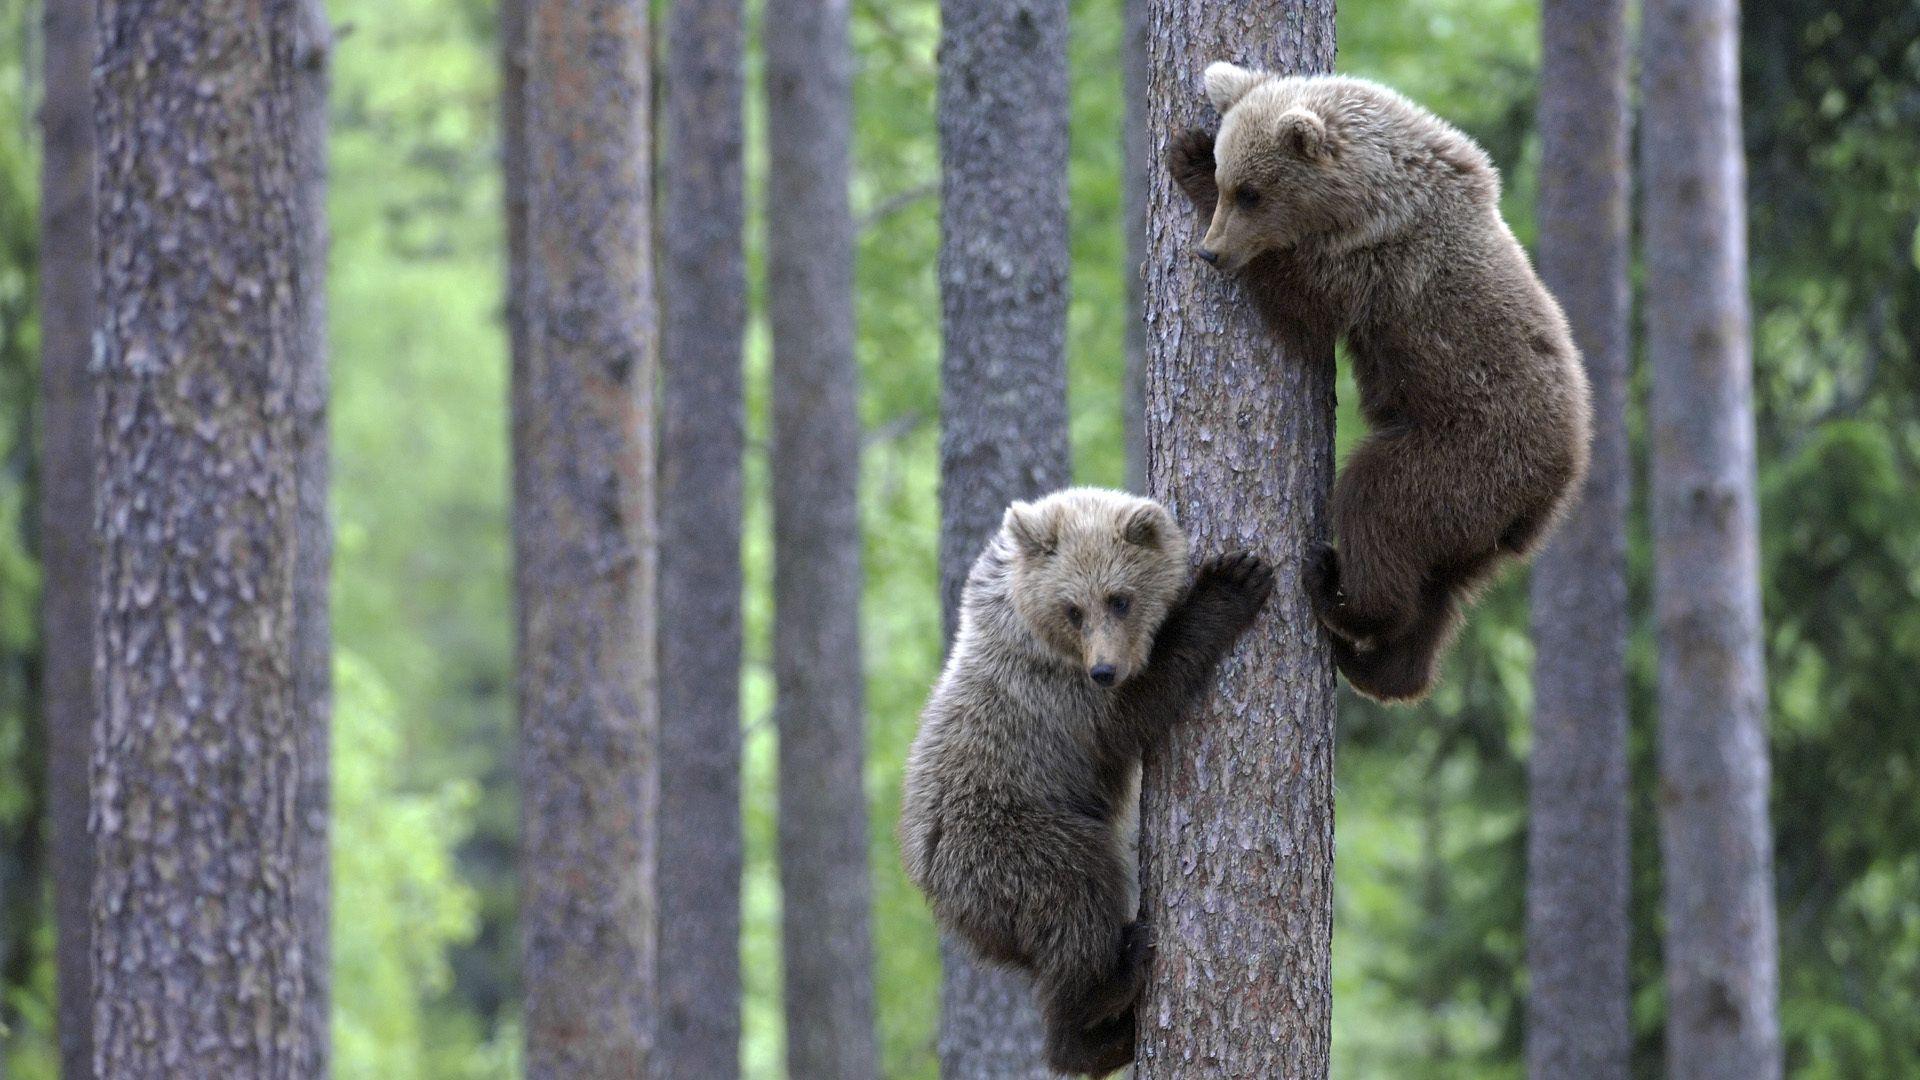 56494 Заставки и Обои Медведи на телефон. Скачать Медведи, Животные, Лес, Пара, Дерево, Детеныши, Лазать картинки бесплатно